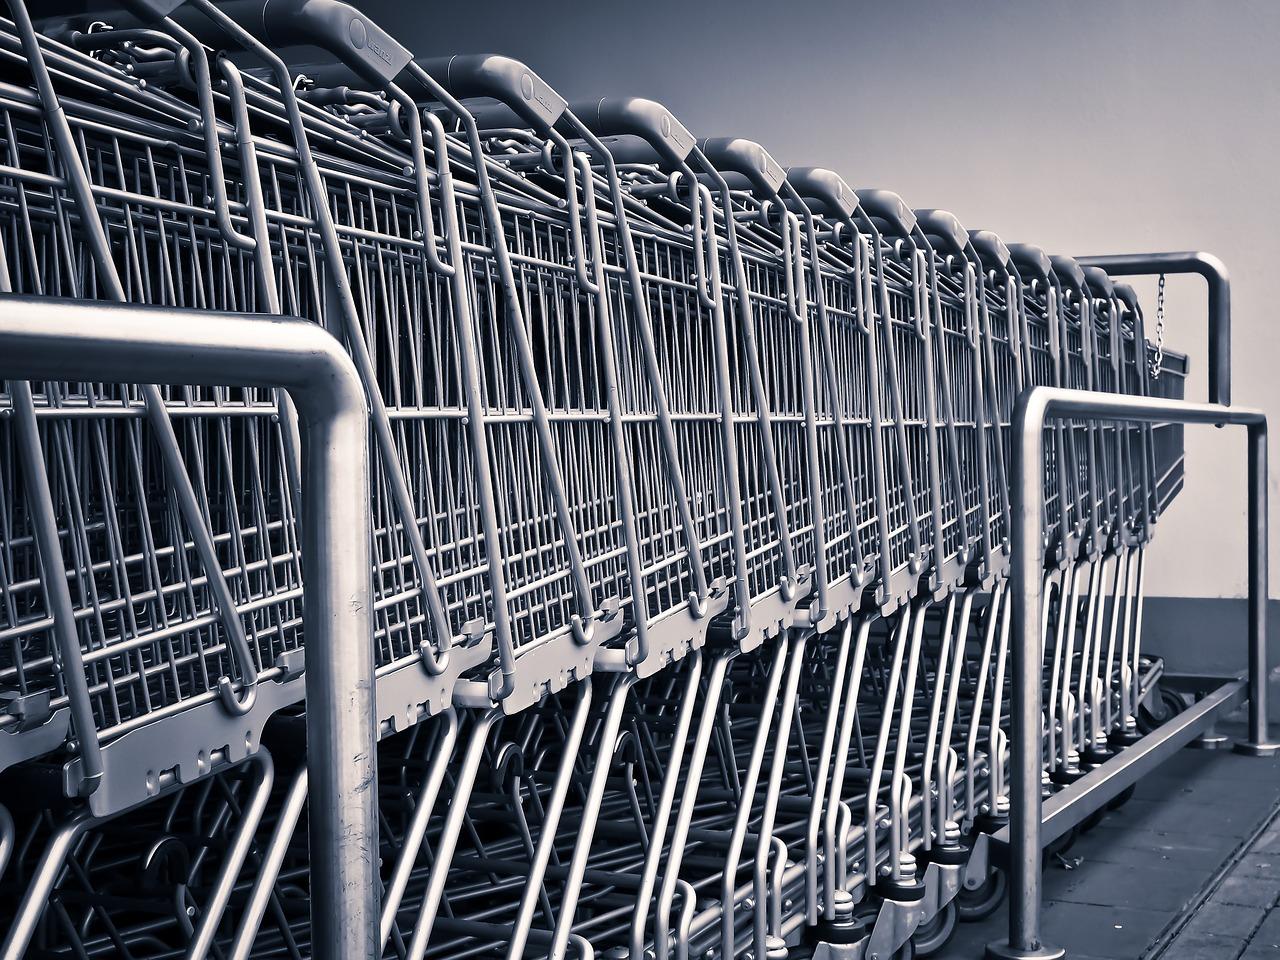 Carrefour a tenté d'acheter Auchan